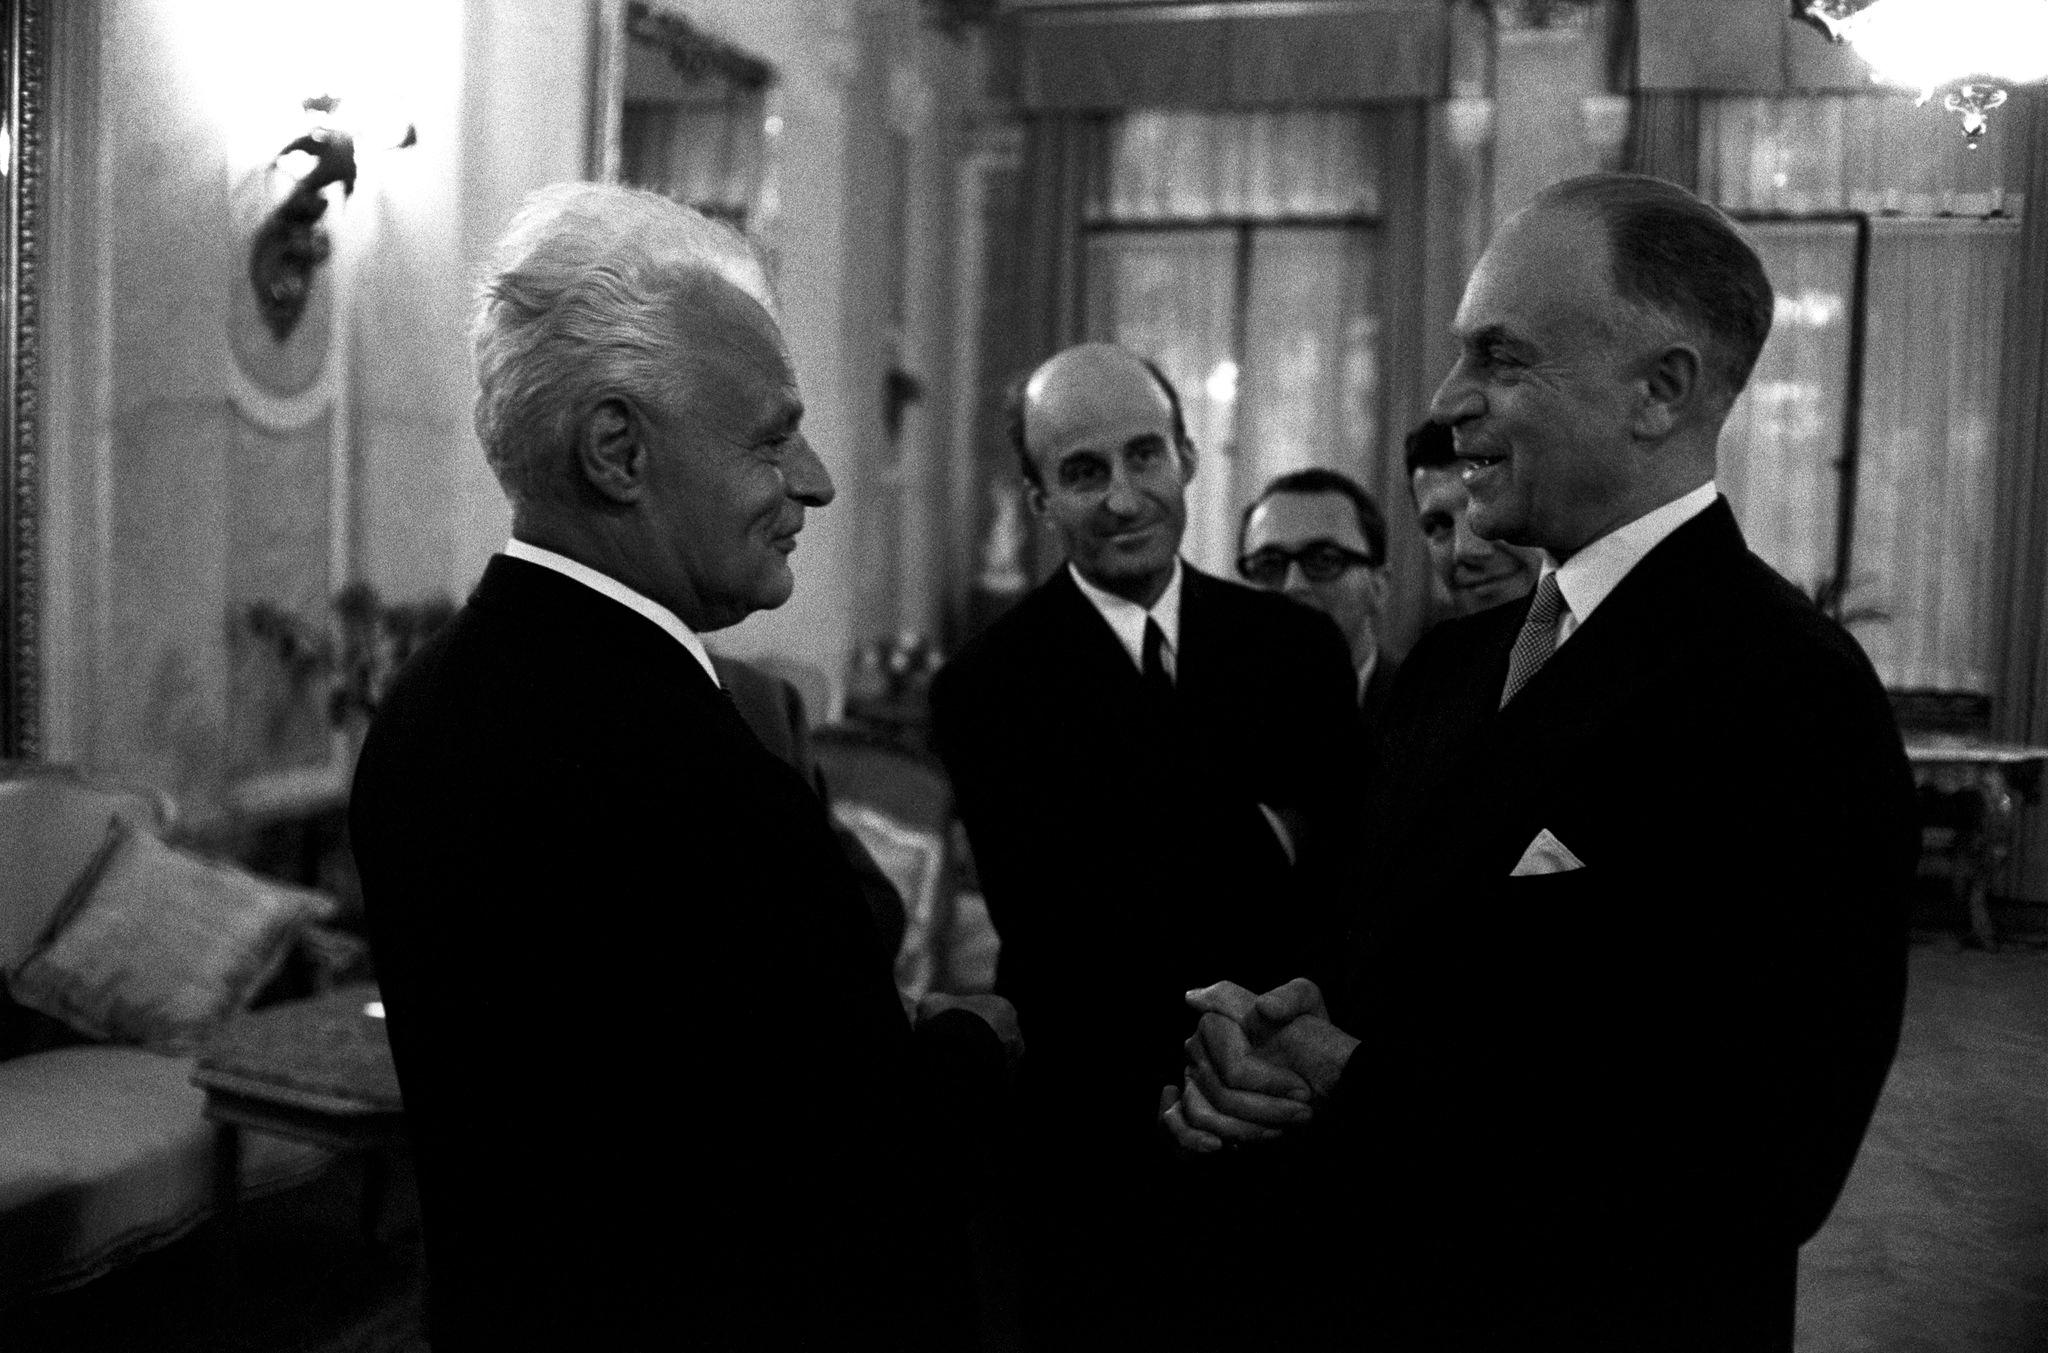 Антонио Гирингхелли, глава Театра Ла Скалла получает комплименты от некоторых советских знаменитостей за исполнение «Турандот»..png